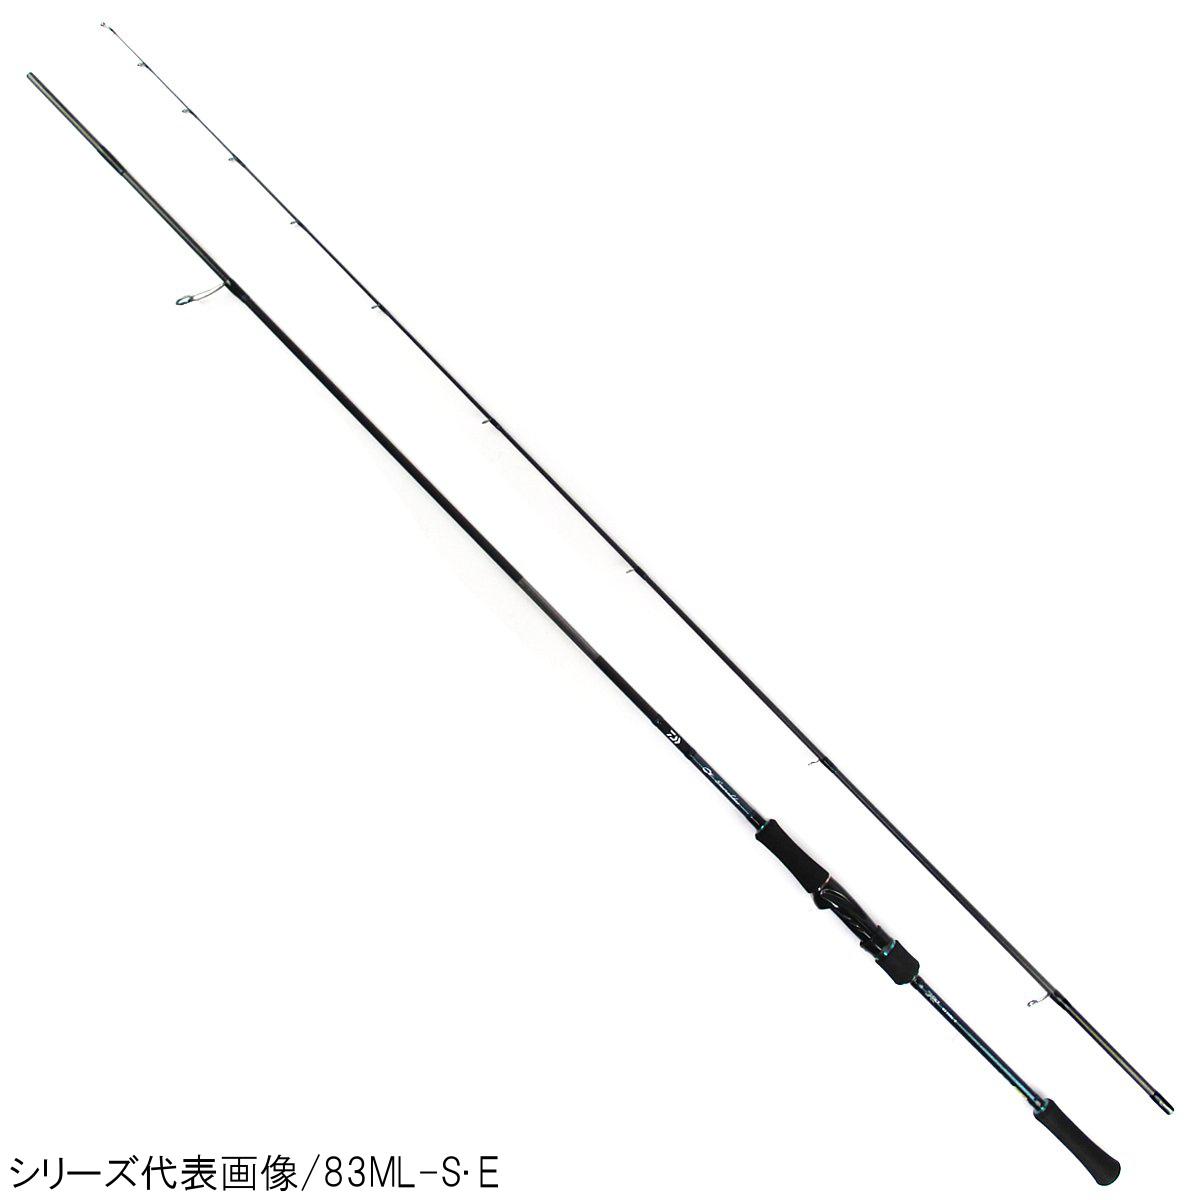 ダイワ エメラルダス MX(アウトガイドモデル) 86M-S・E